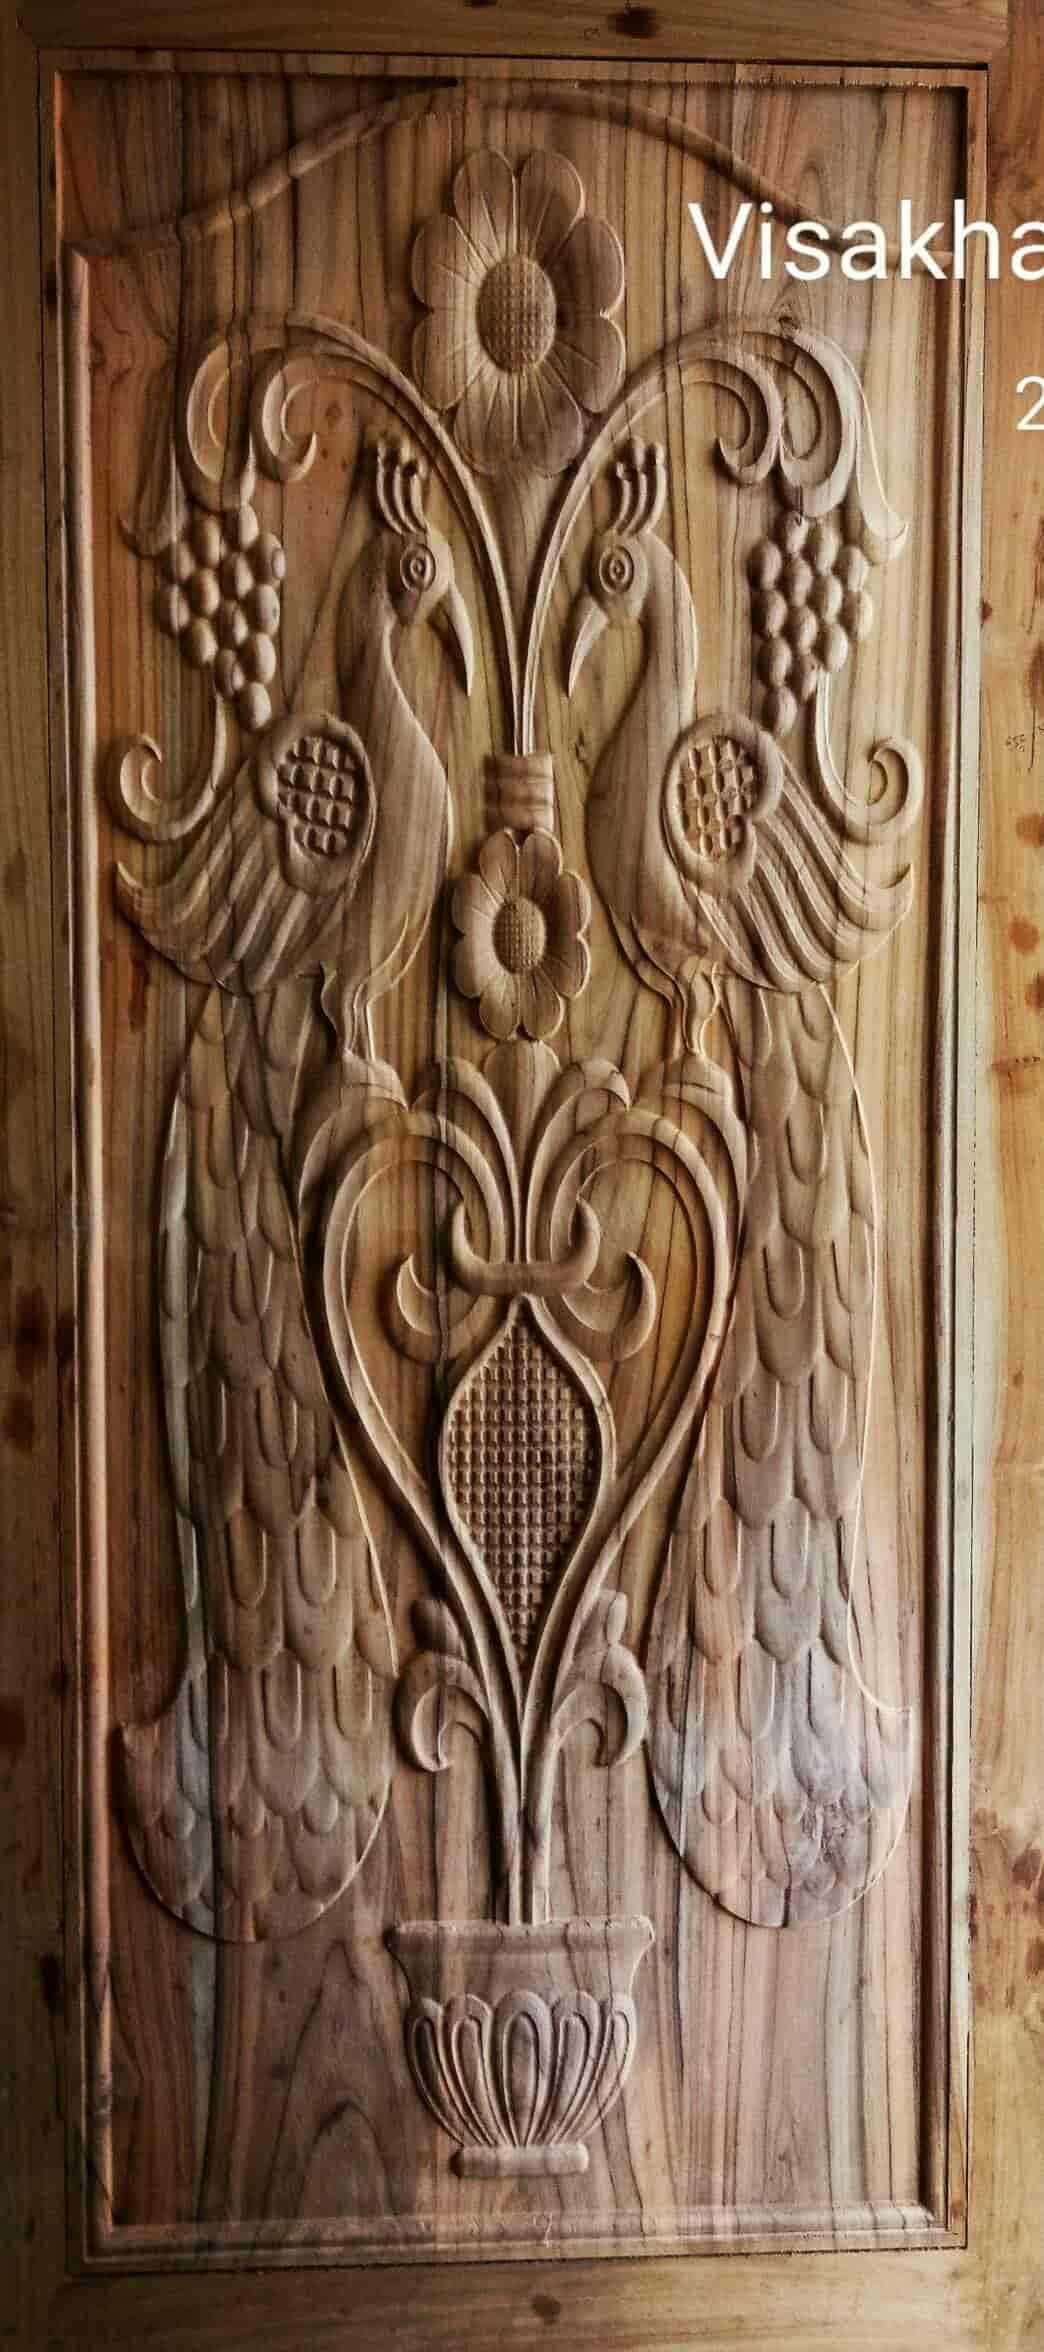 Js wood design works marripalem wood carving dealers in